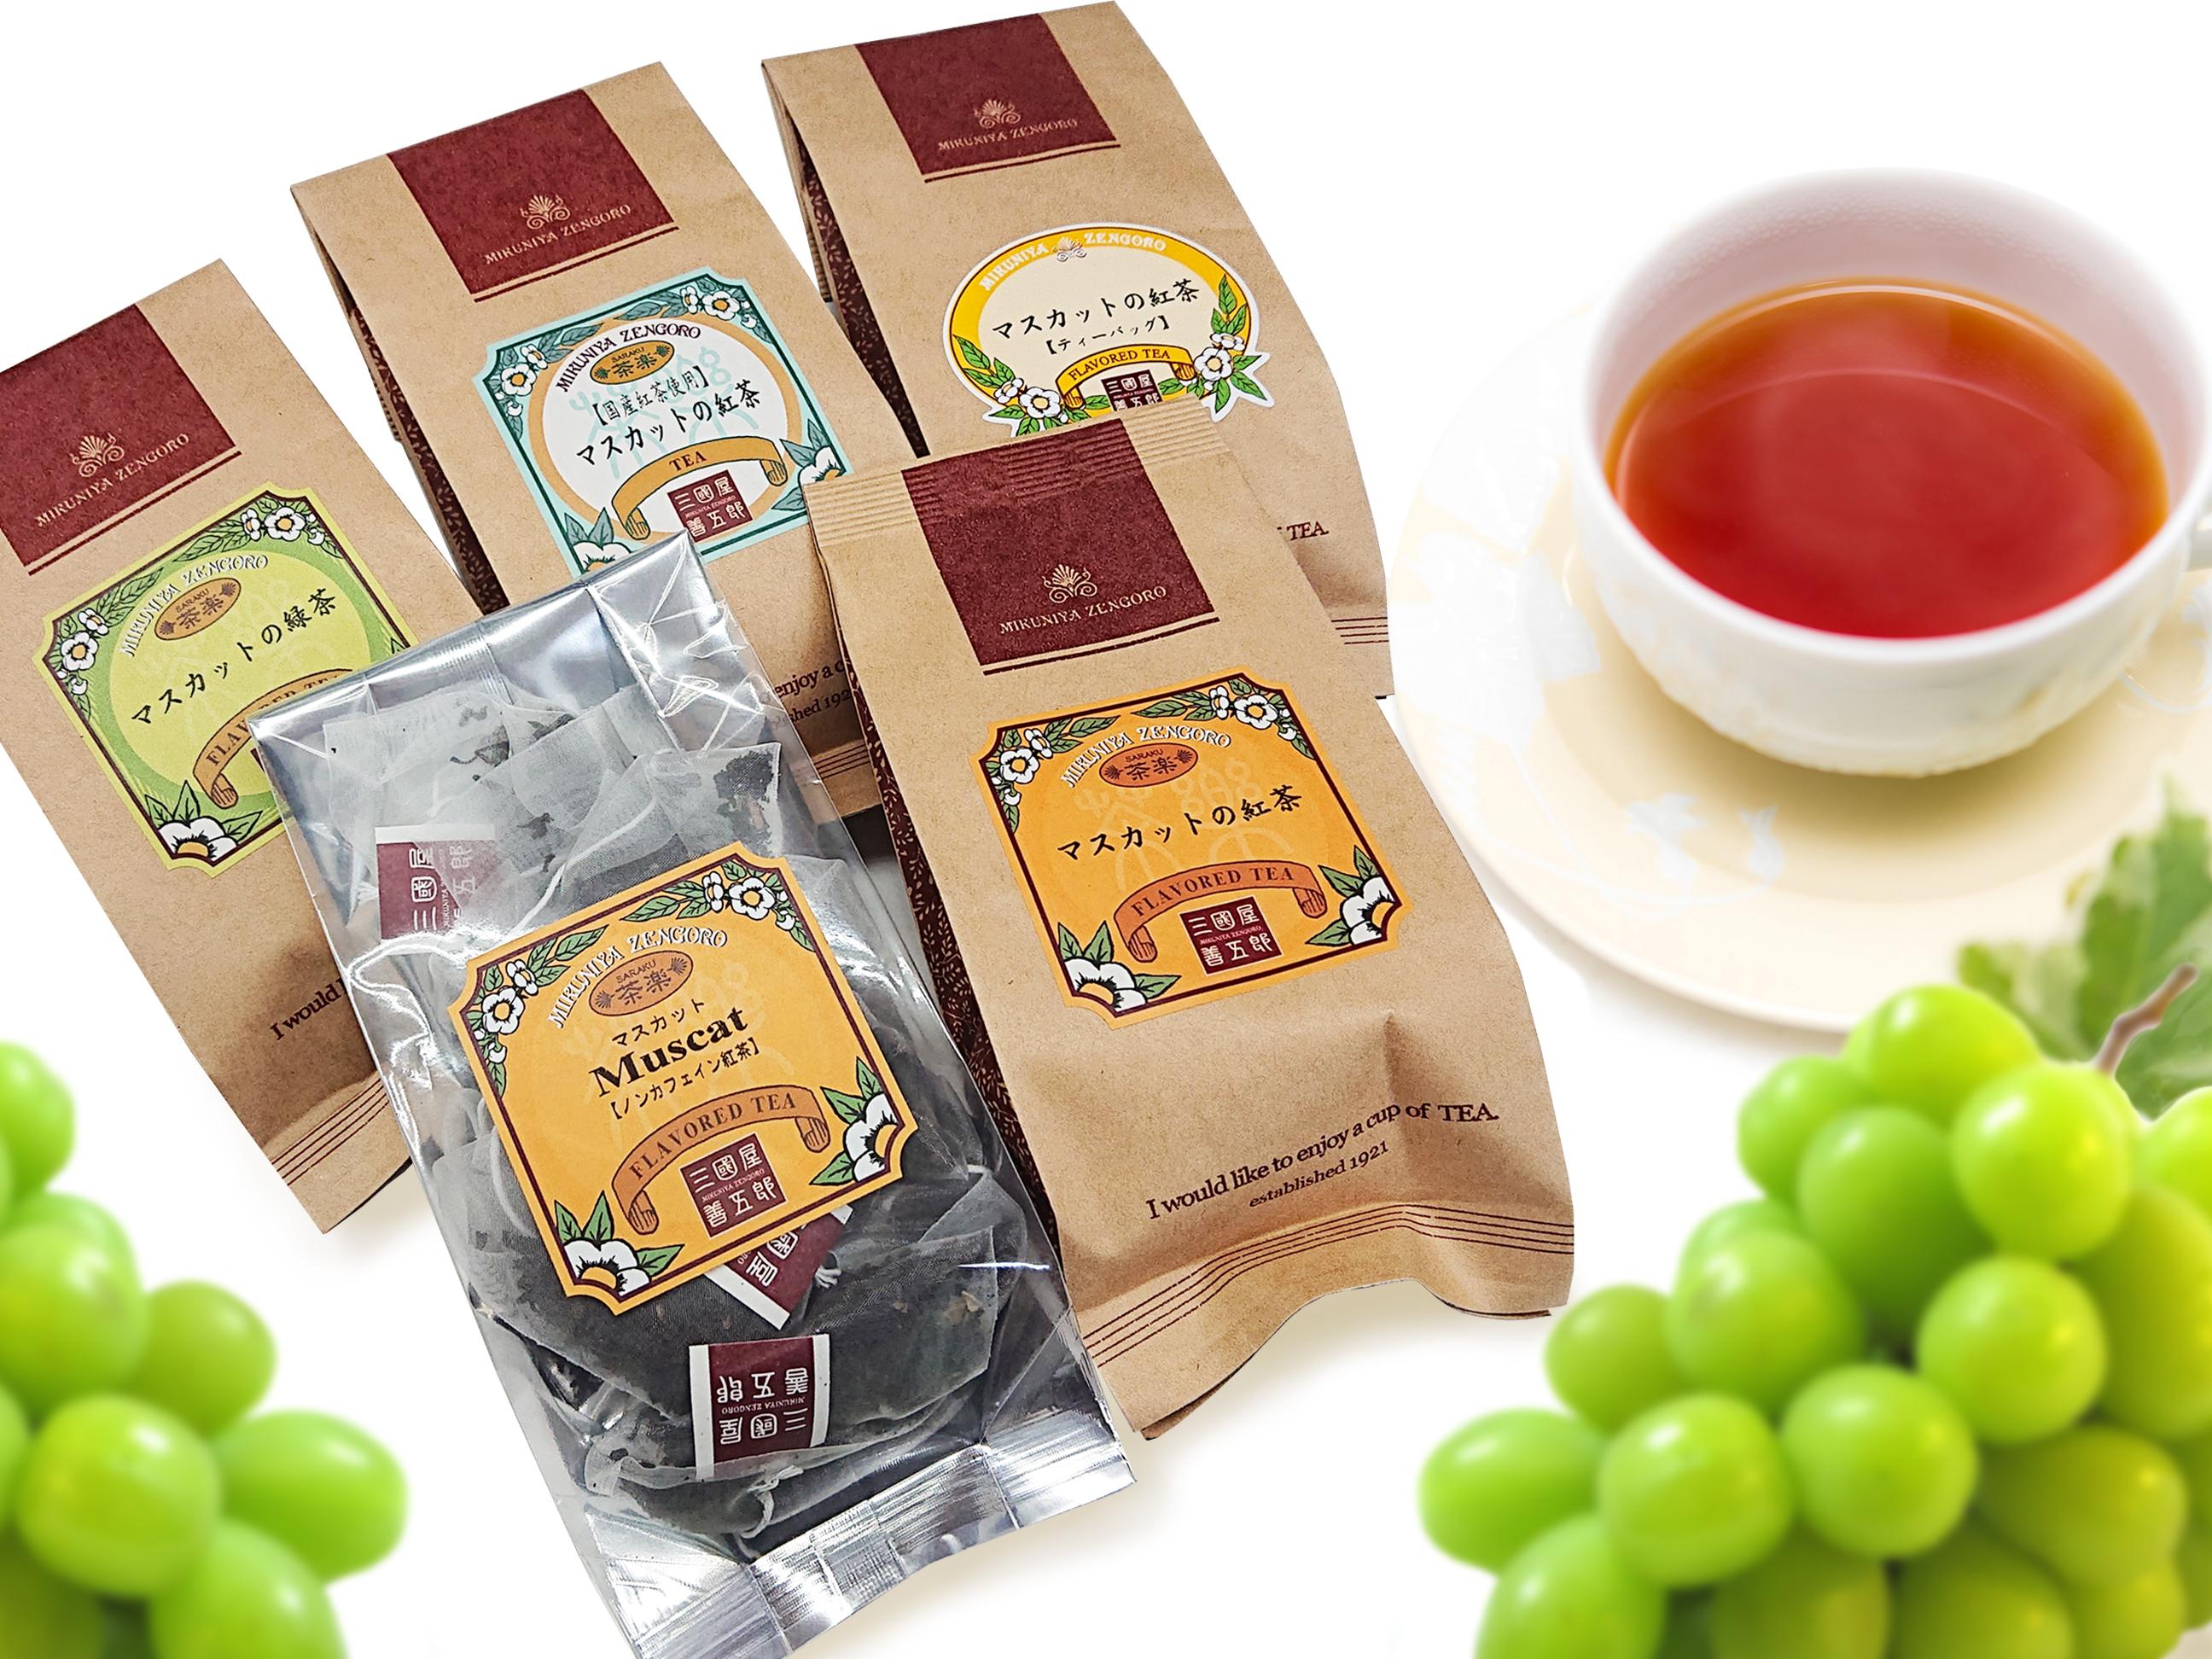 マスカットの紅茶・緑茶